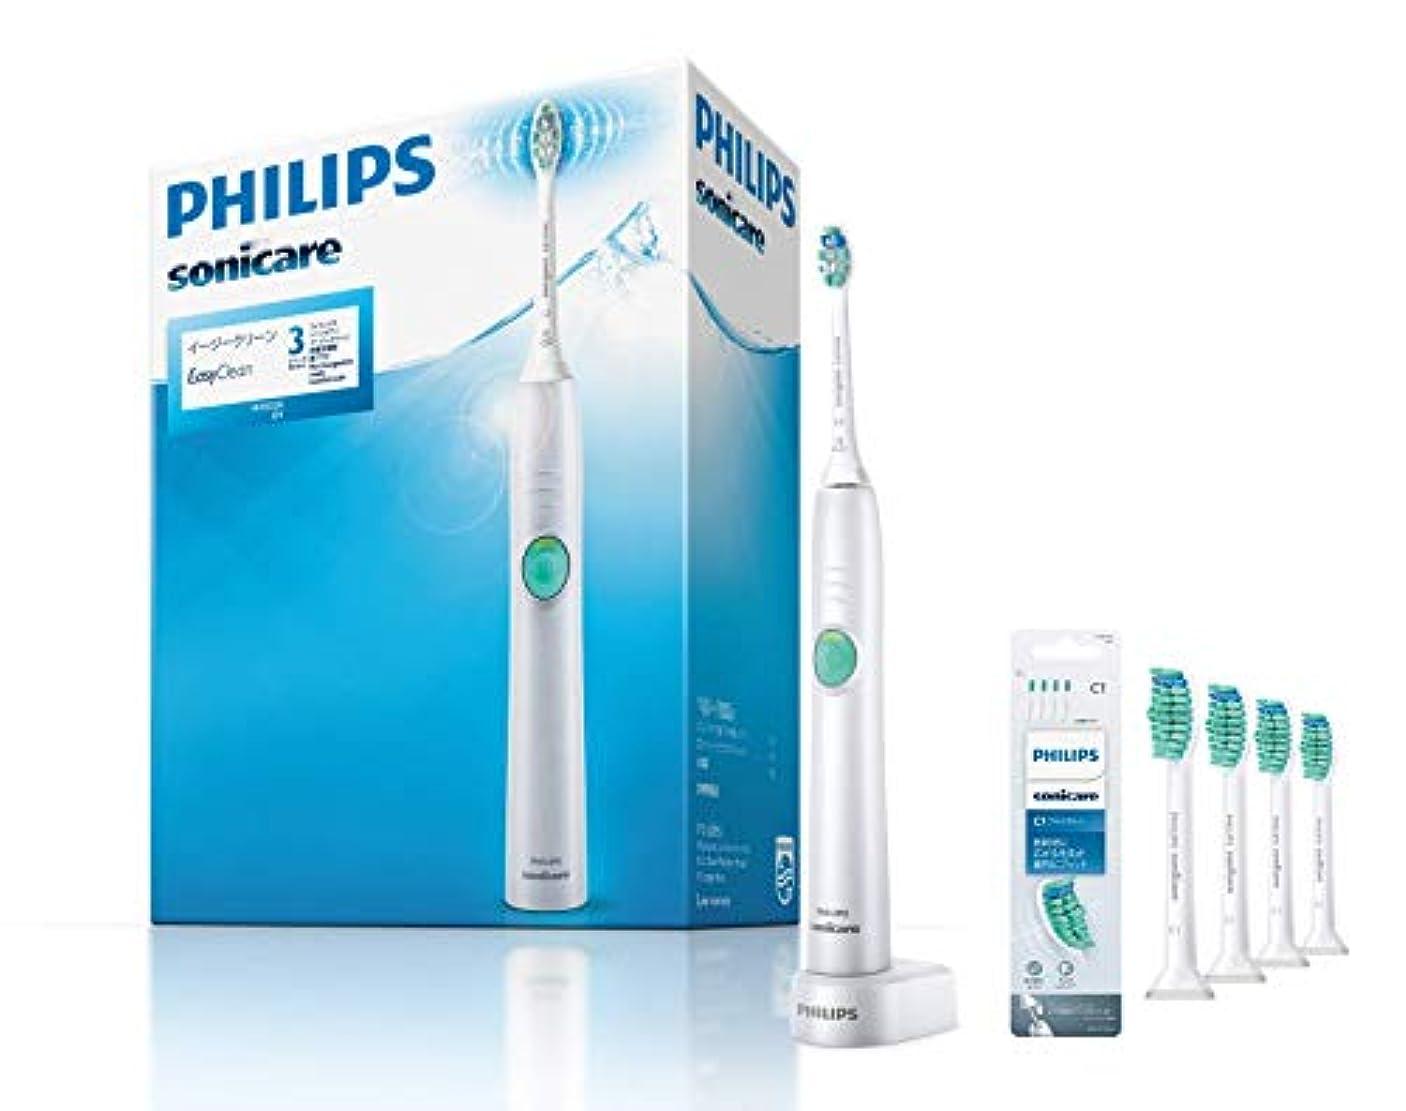 容量おとなしいクライアントフィリップス ソニッケアー イージークリーン 電動歯ブラシ ホワイト HX6551/01 + (正規品) 替えブラシ レギュラーサイズ 4本組 HX6014/63